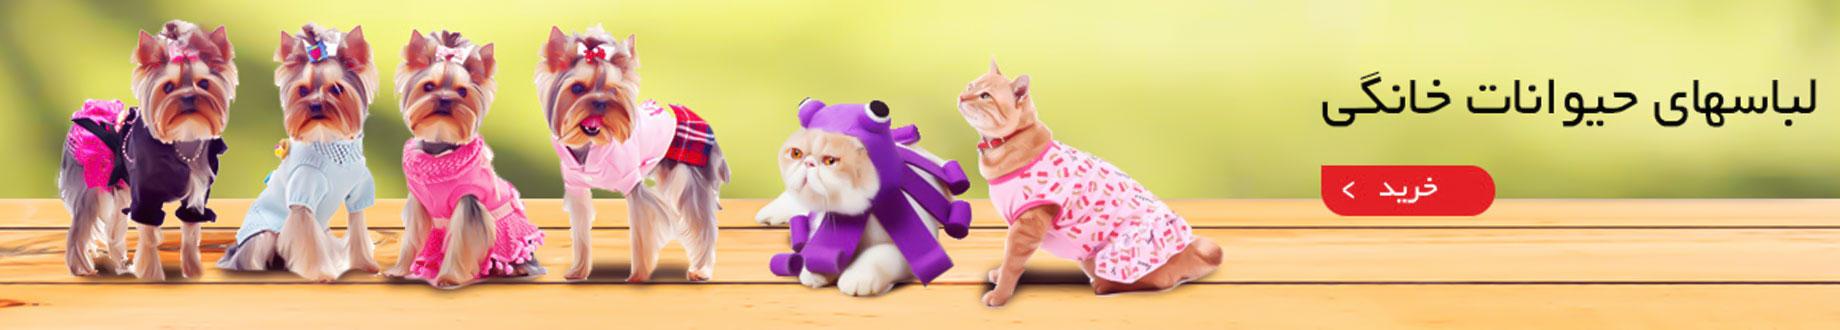 لباس حیوانات؛ ویکی پت